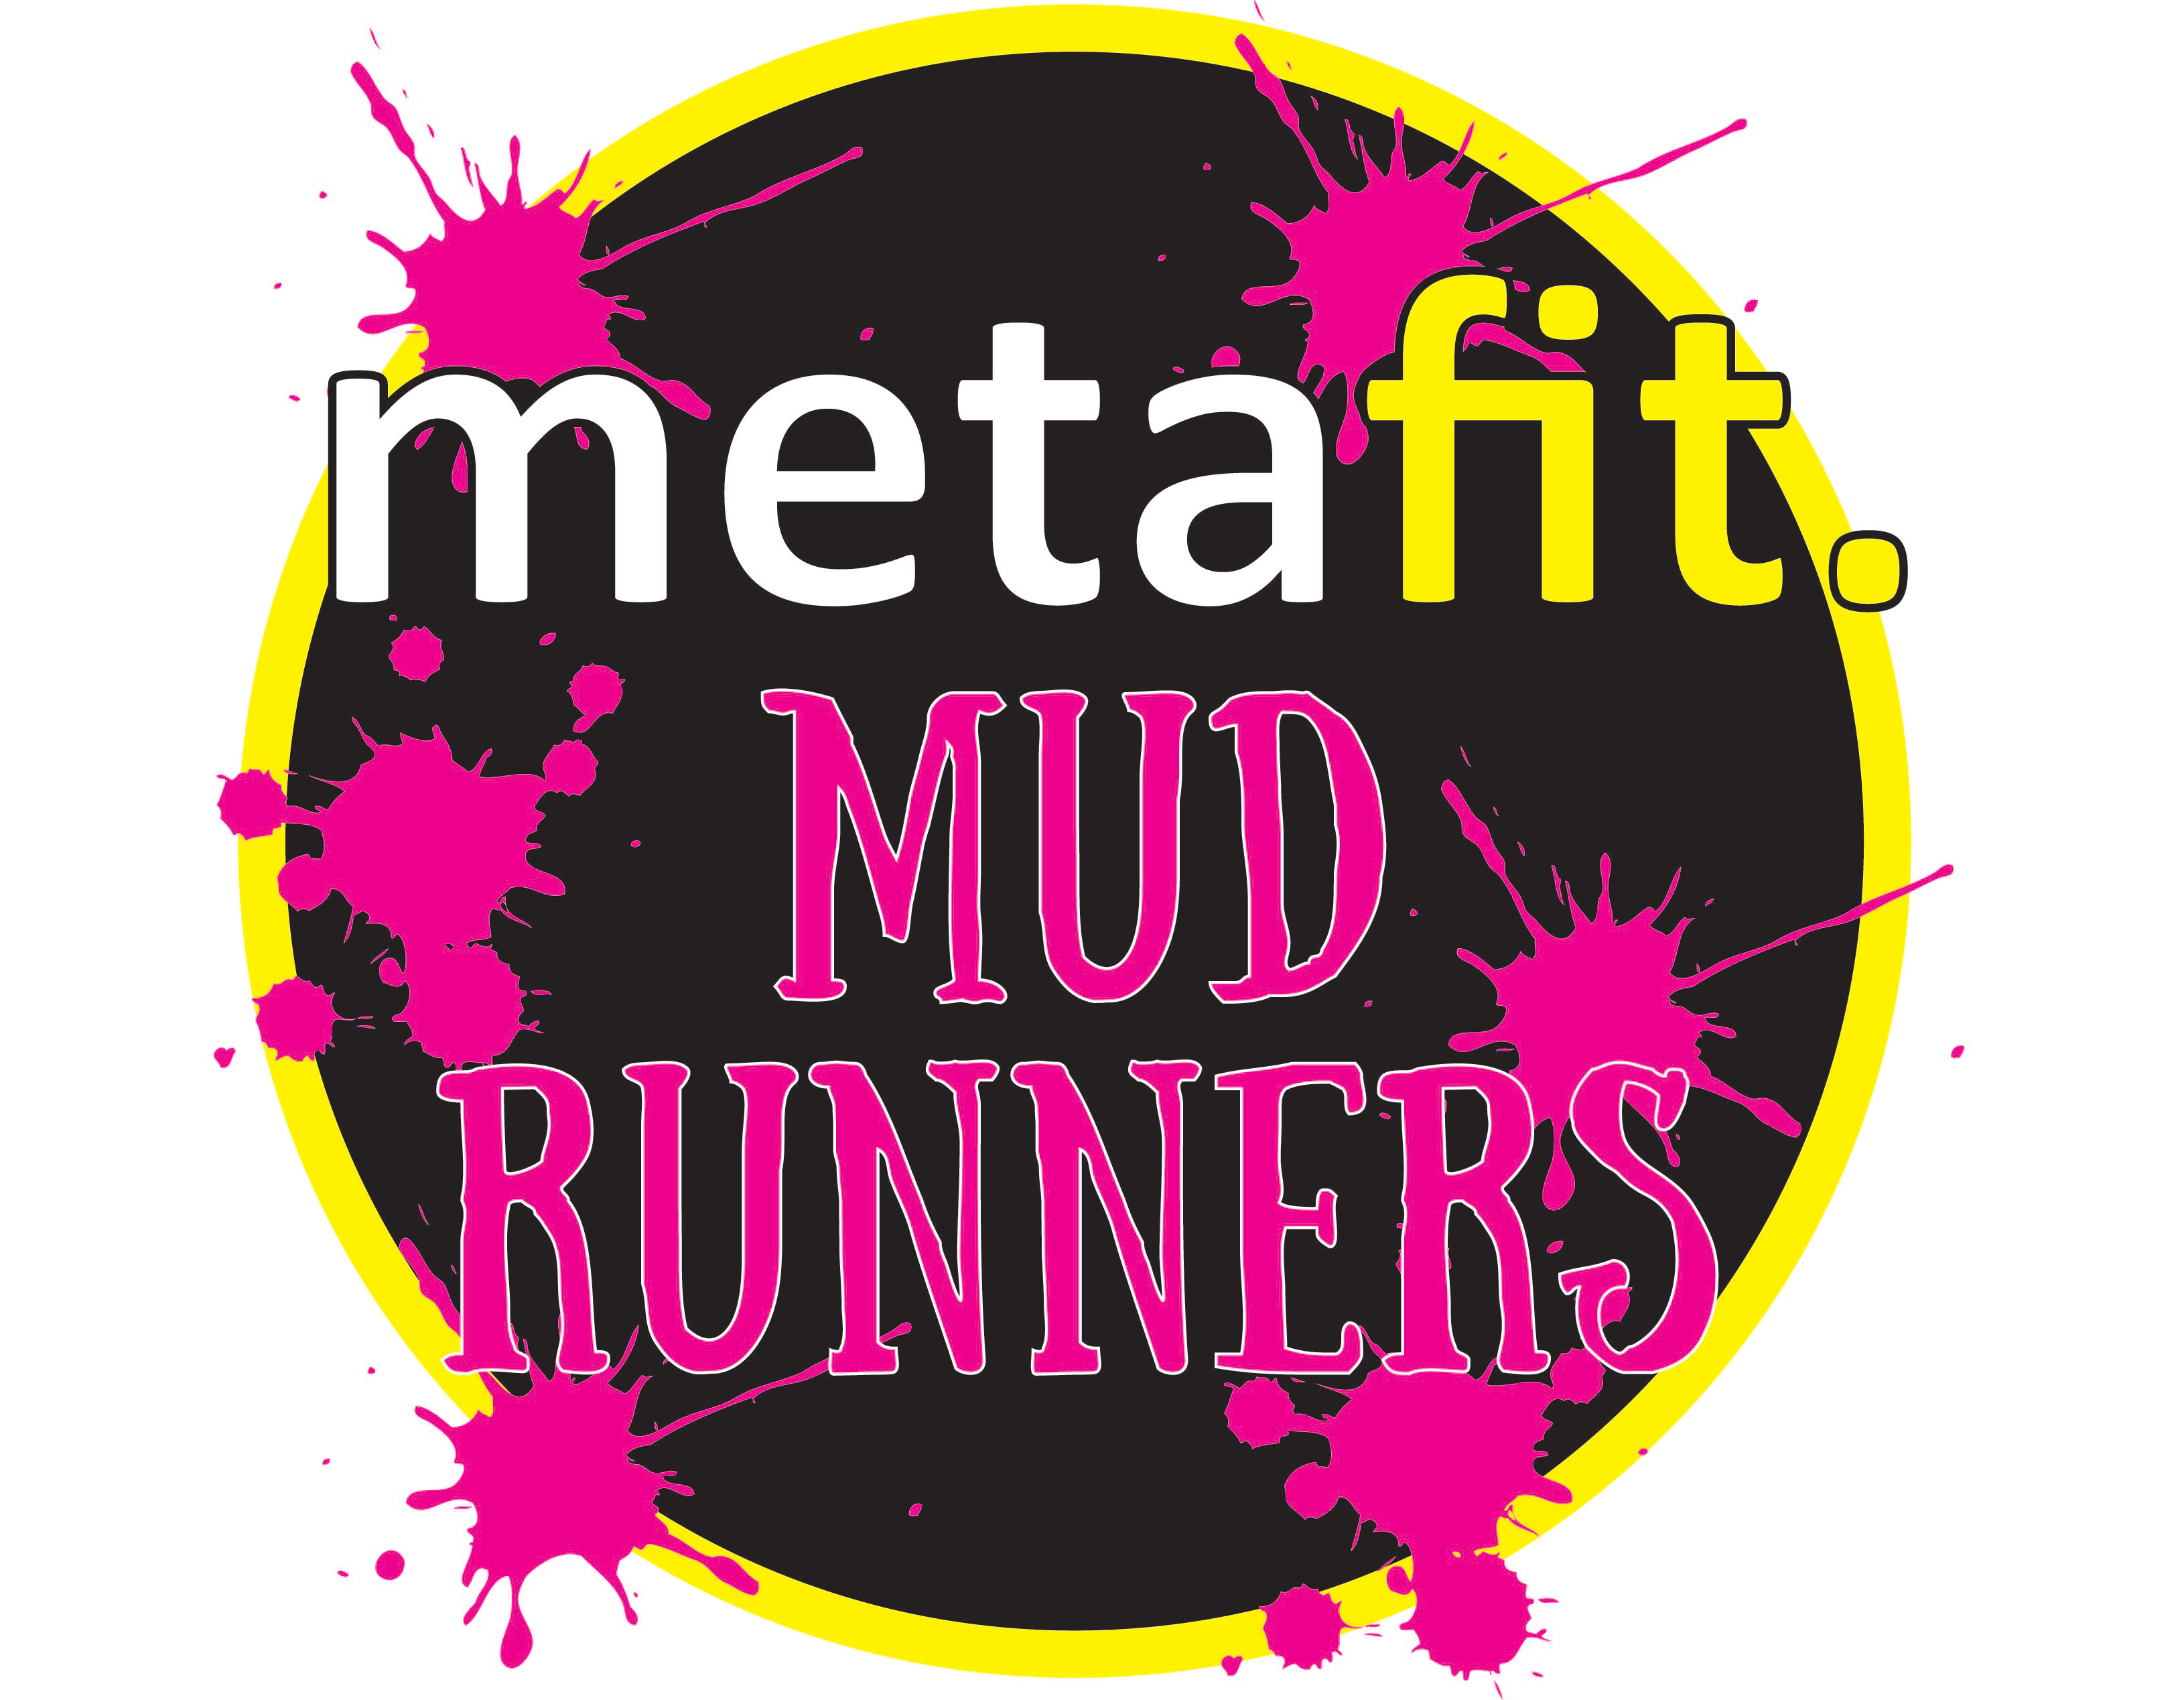 Metafit Mud Runners Logo